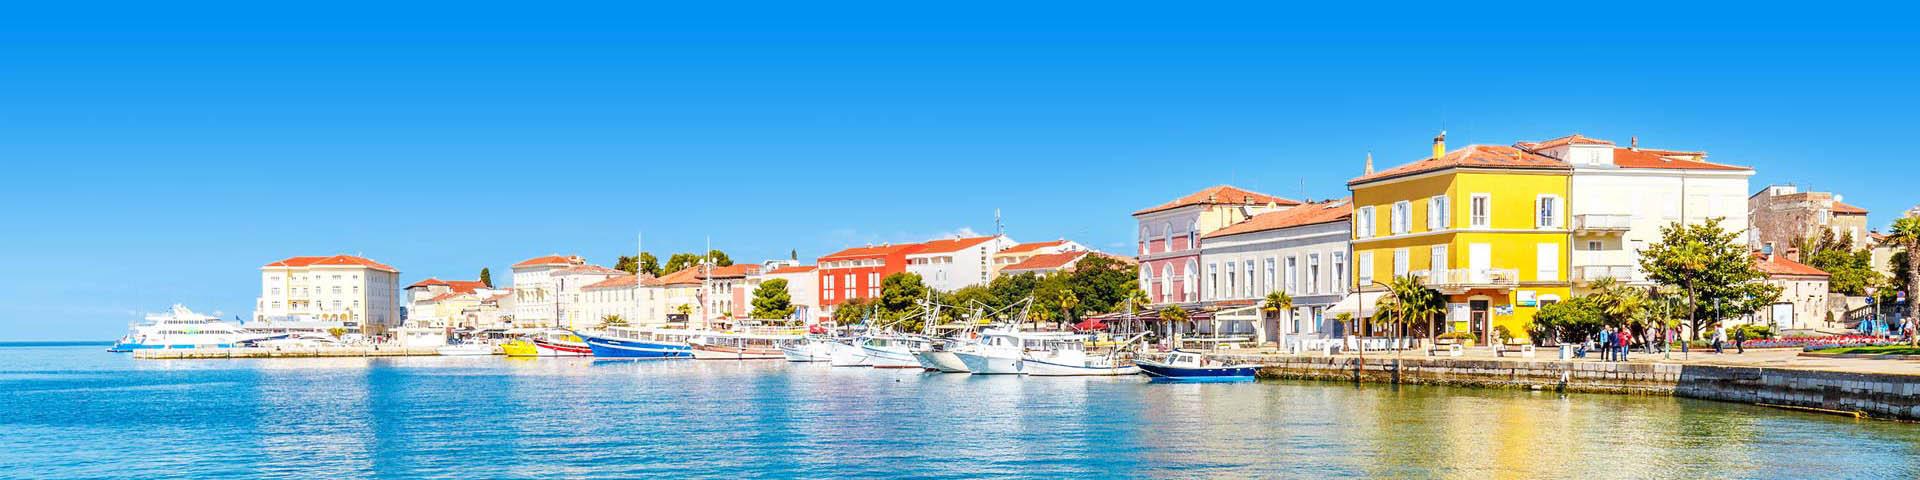 Haven stadje in Kroatië